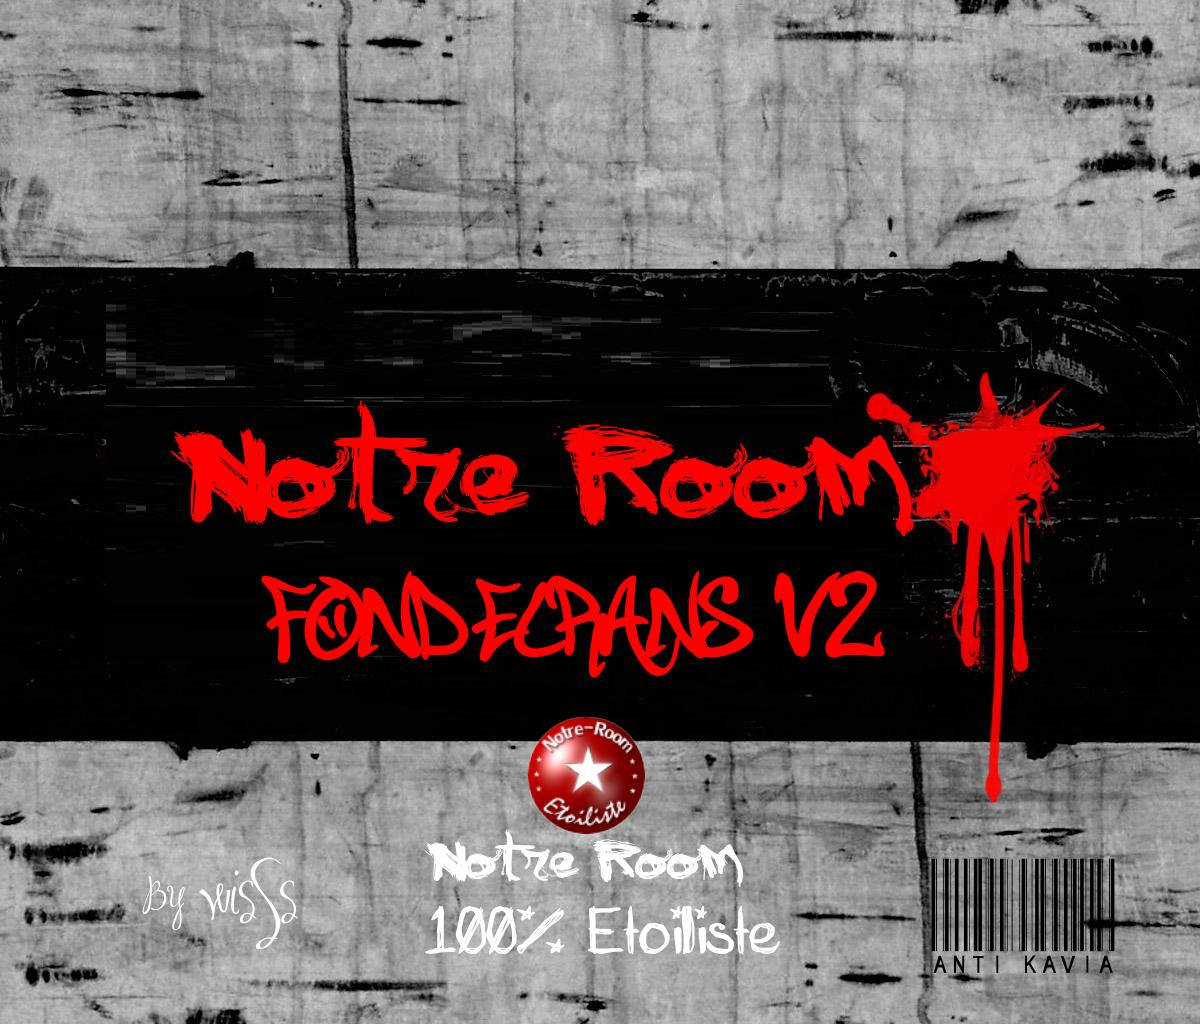 Angola 2010 Live Sur Notre-Room